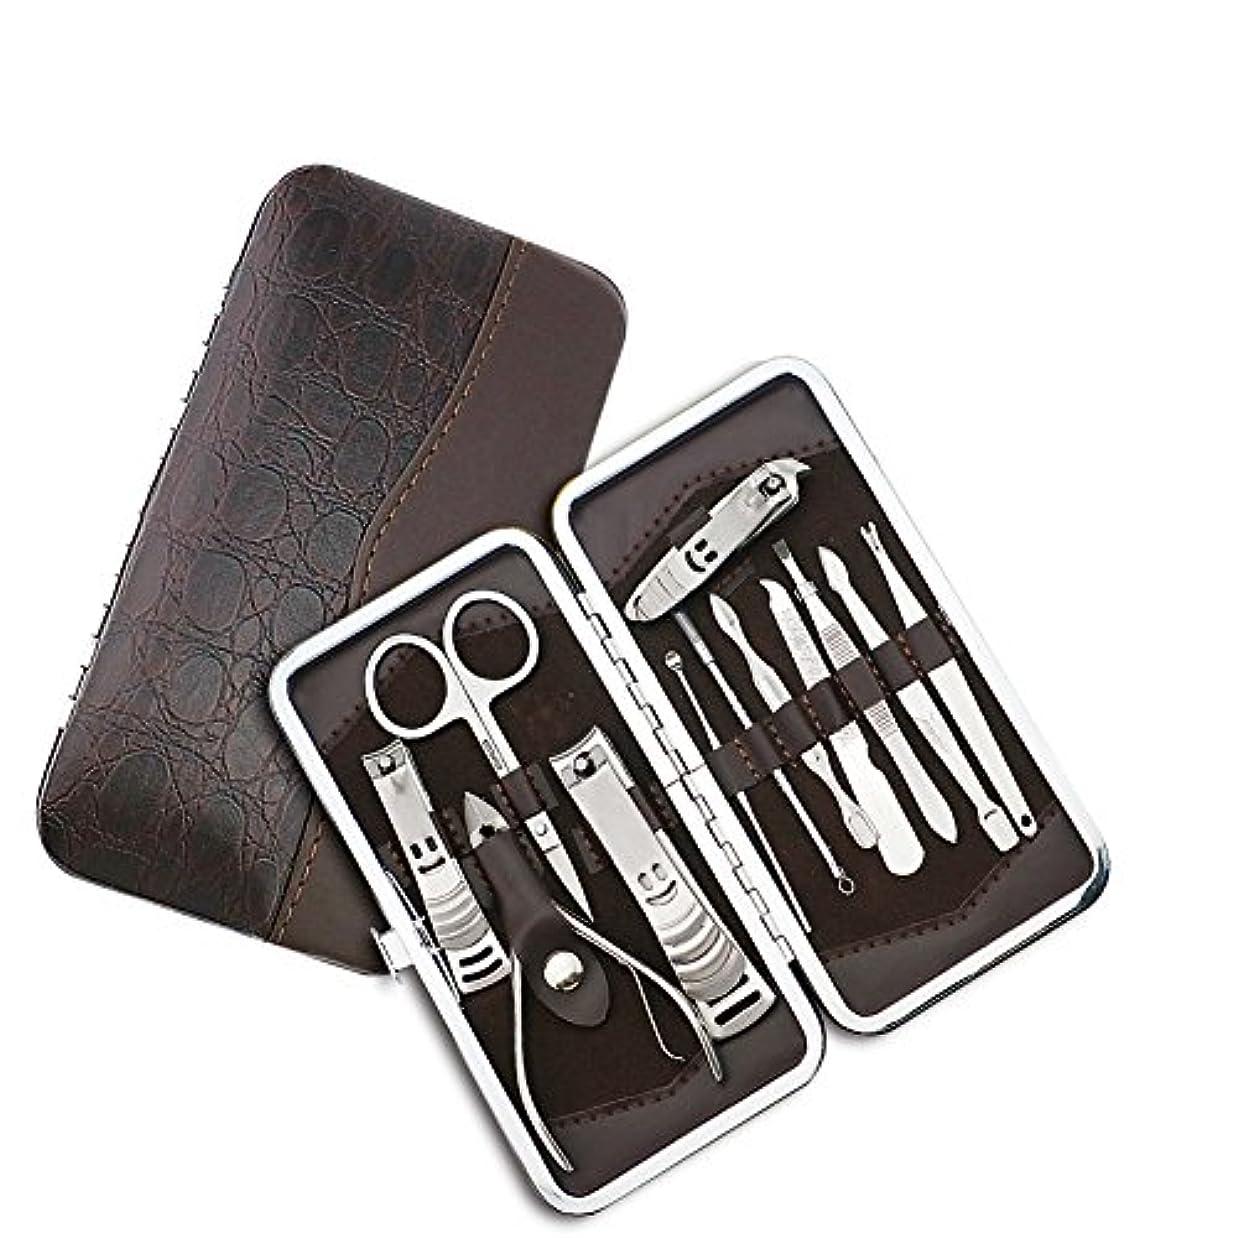 冷凍庫ブームブレーキネイルはさみネイルクリッパートラベルセット、プロフェッショナルステンレスネイルケアセットベビーセーフネイルクリッパーパーソナルマニキュアセットペディキュアセットは、男性と女性のための指、手足で使用爪切り